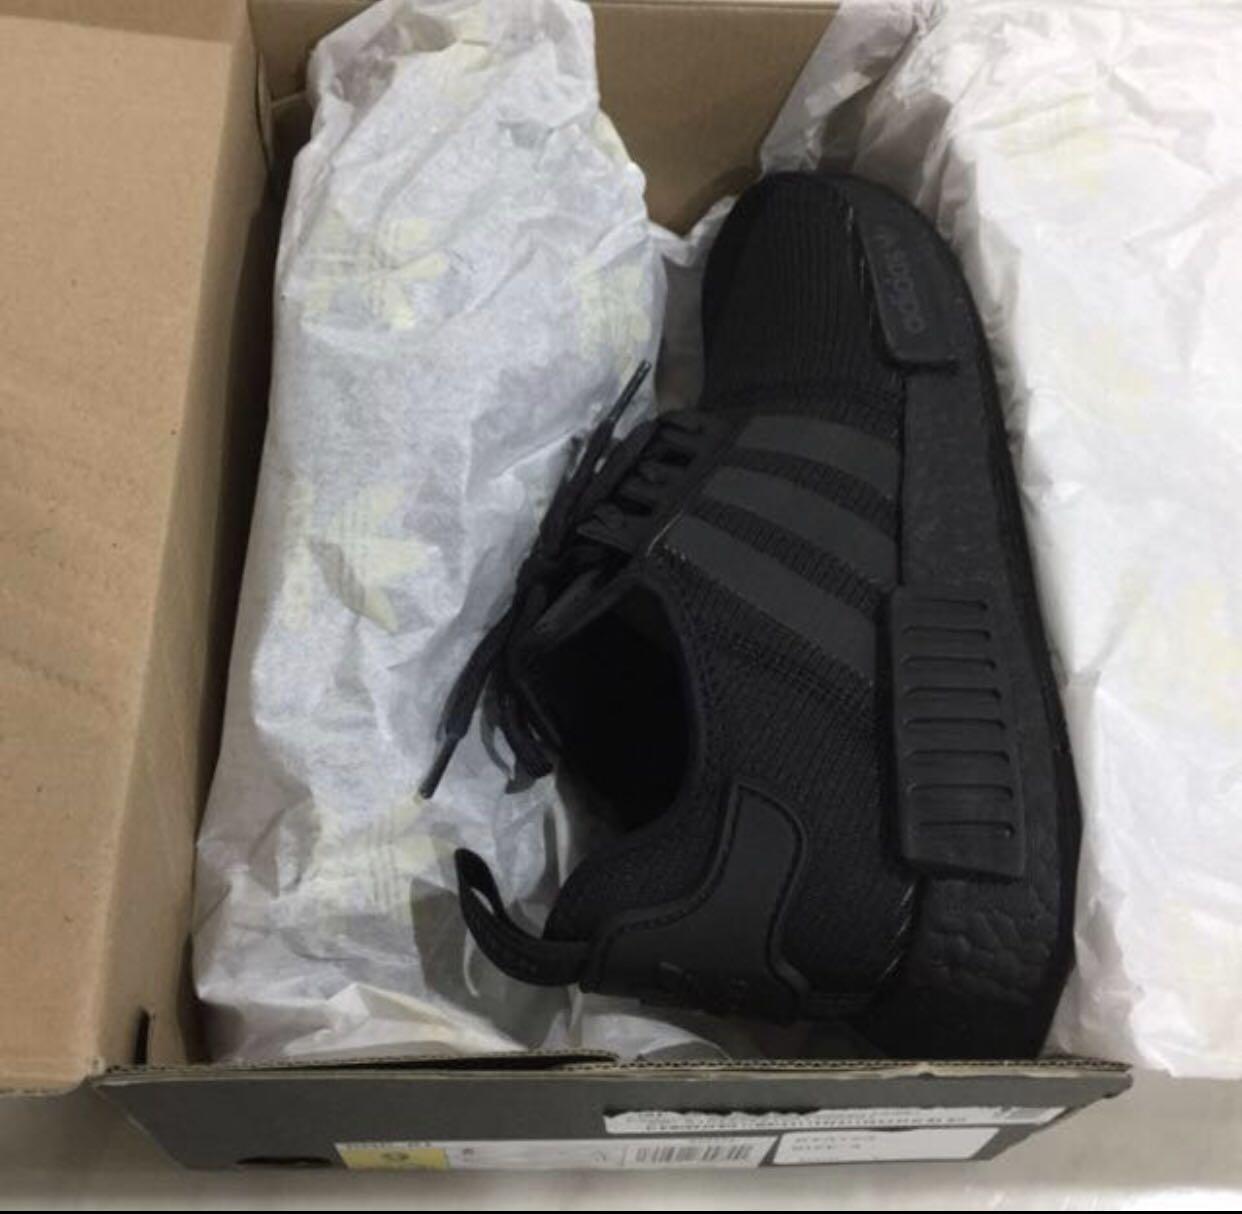 da8762e9 Adidas NMD XR1 Triple Black, Men's Fashion, Footwear, Sneakers on ...